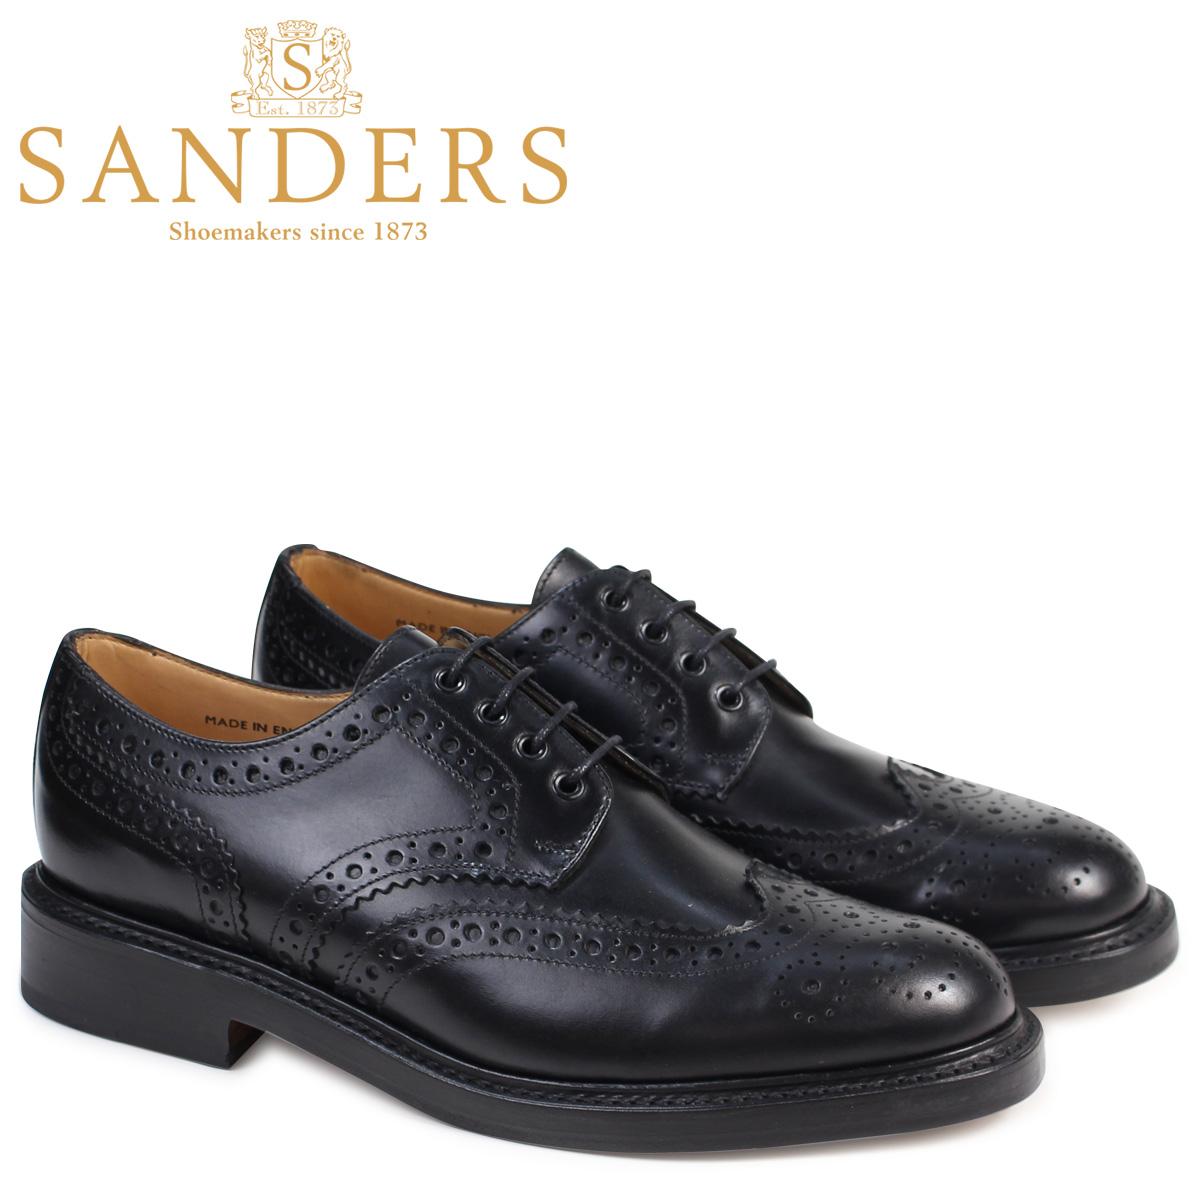 SANDERS サンダース ミリタリー オックスフォード シューズ ウイングチップ メンズ ビジネス FAKENHAM ブラック 黒 9317B